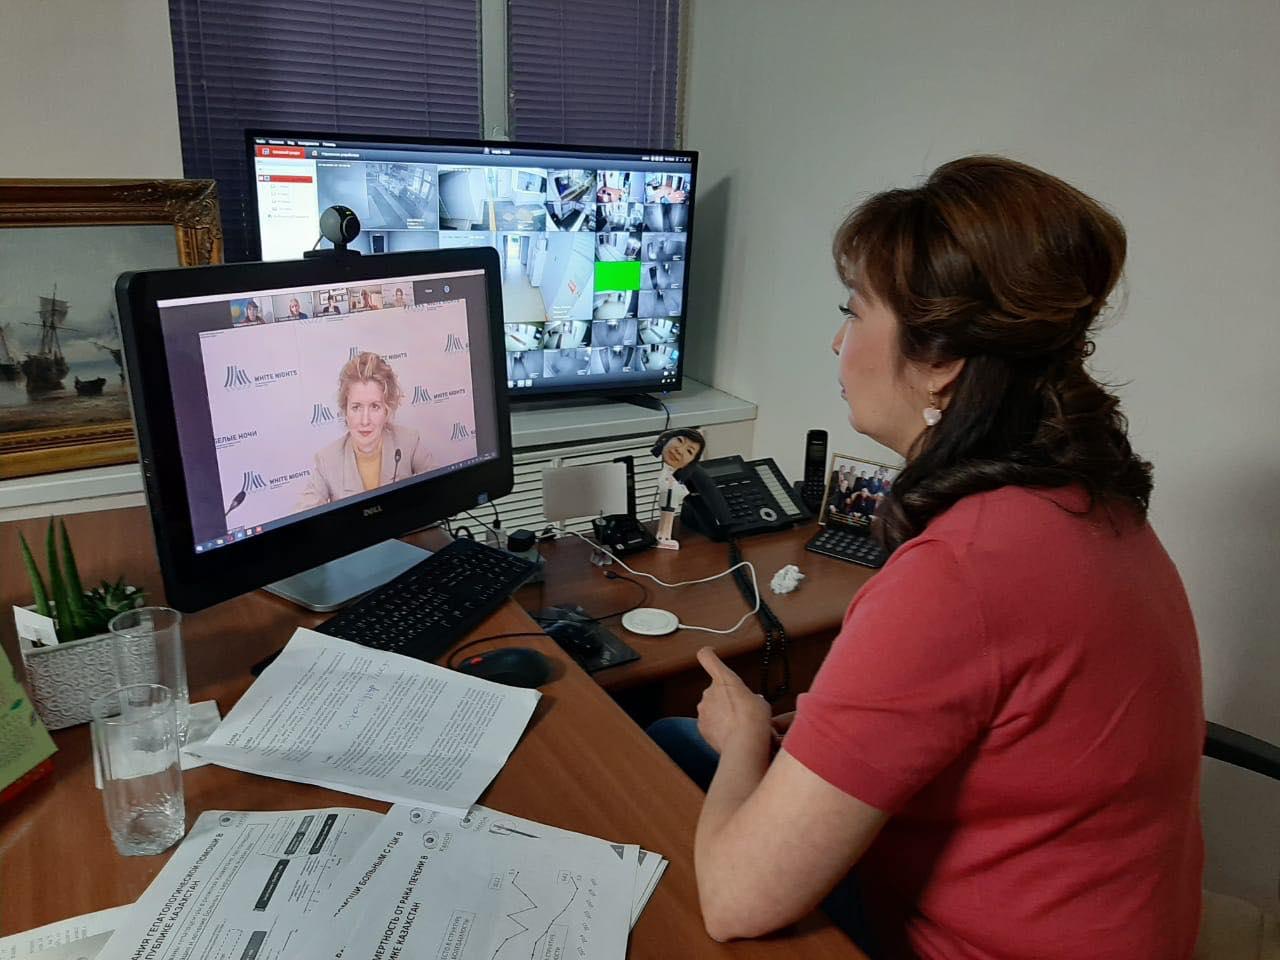 О лечении гепатоцеллюлярного рака (рака печени) в Казахстане